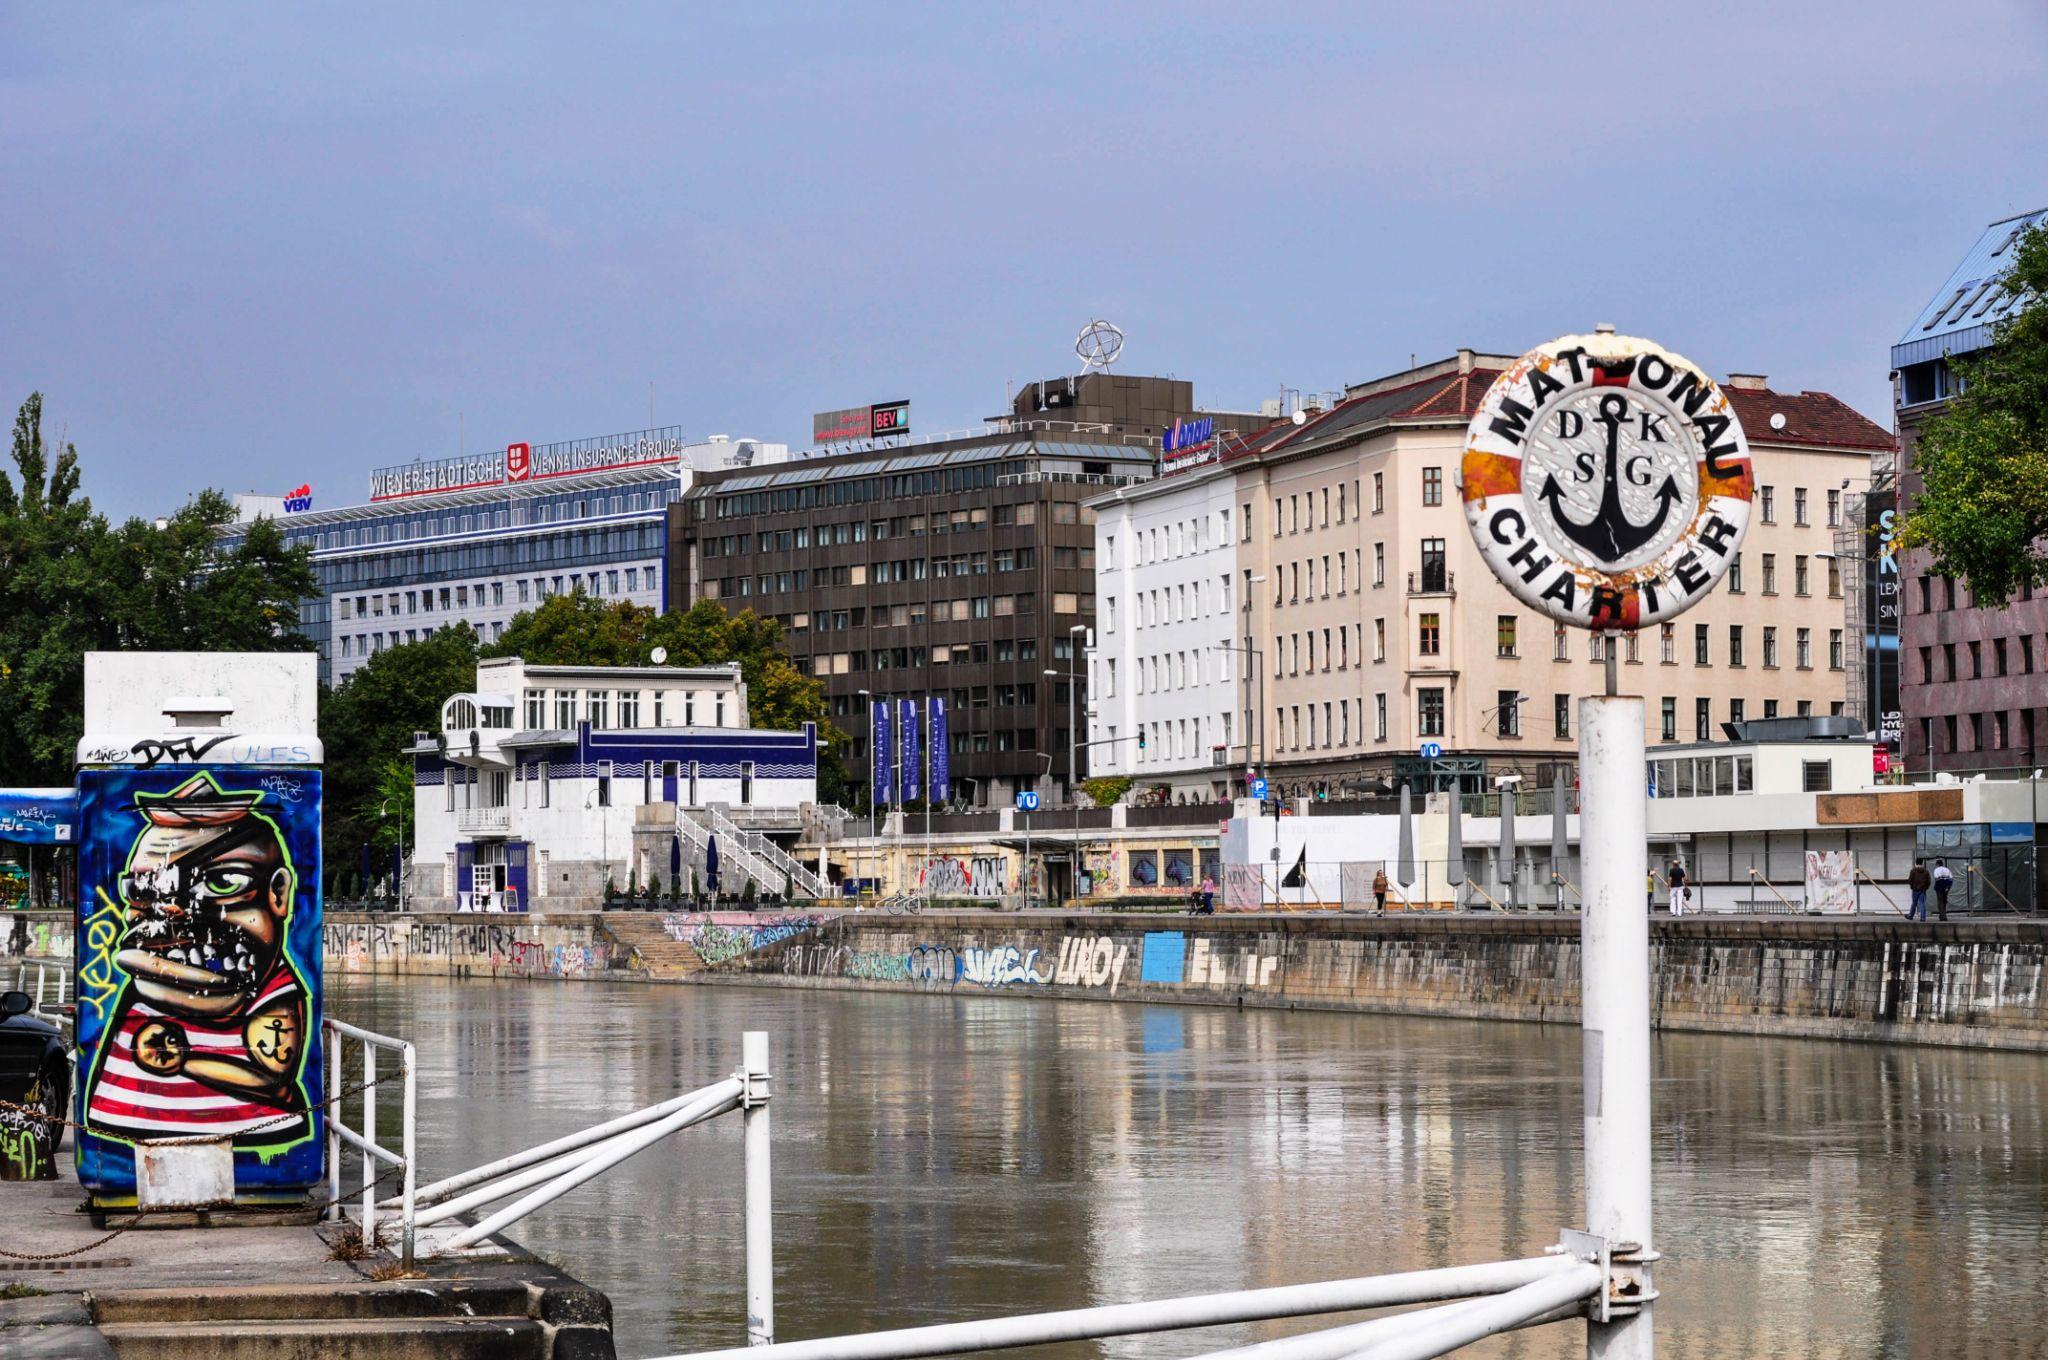 Donaukanal by tamara.seles